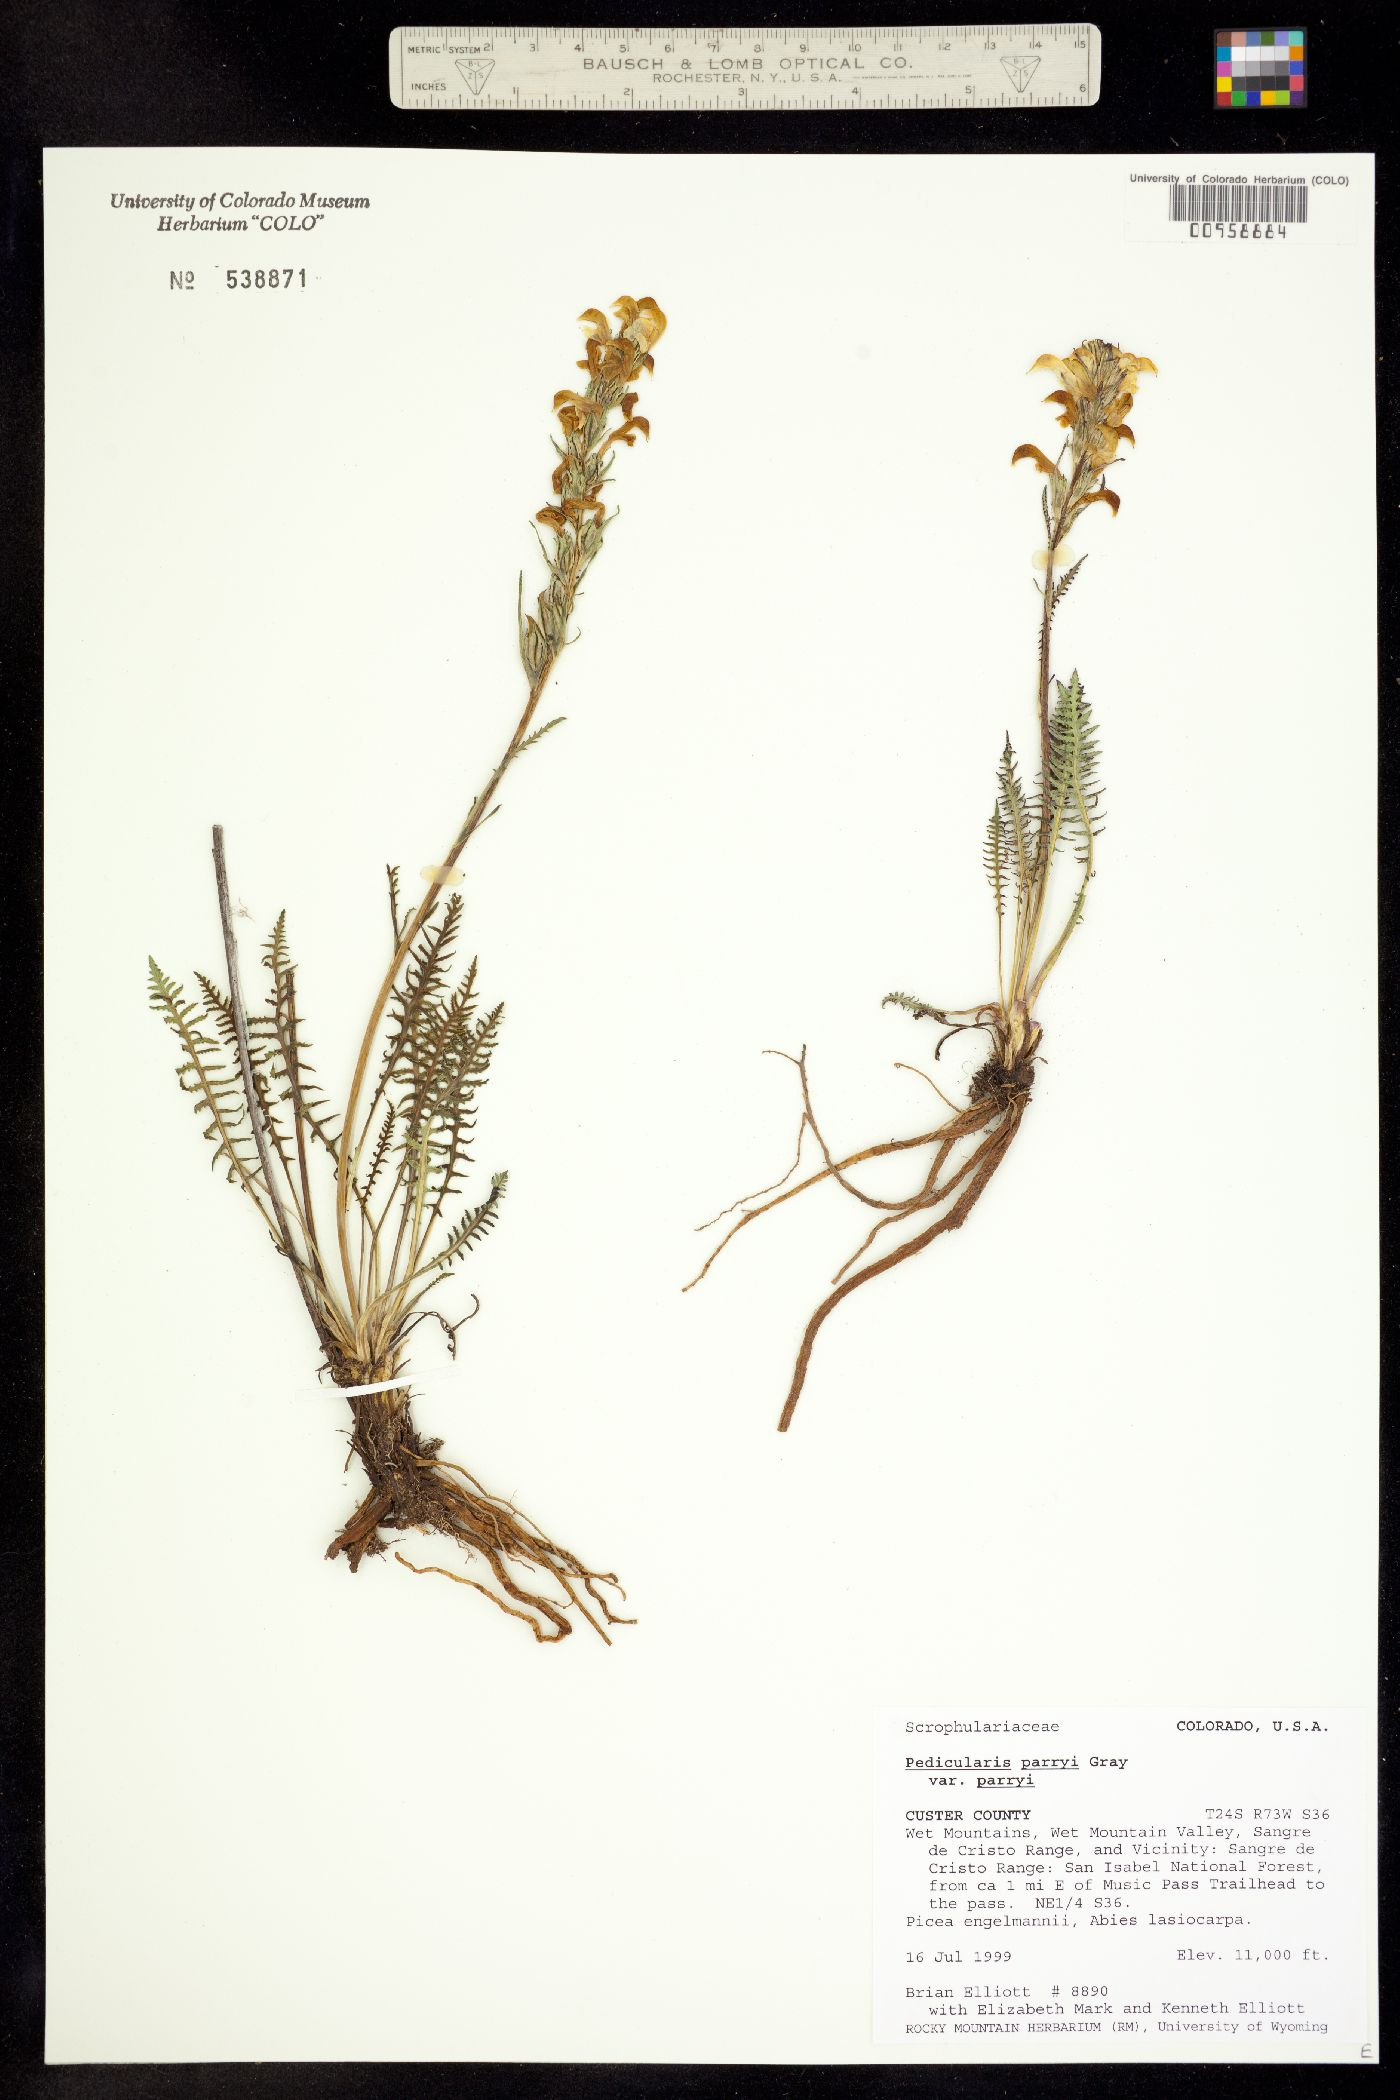 Pedicularis parryi ssp. parryi image